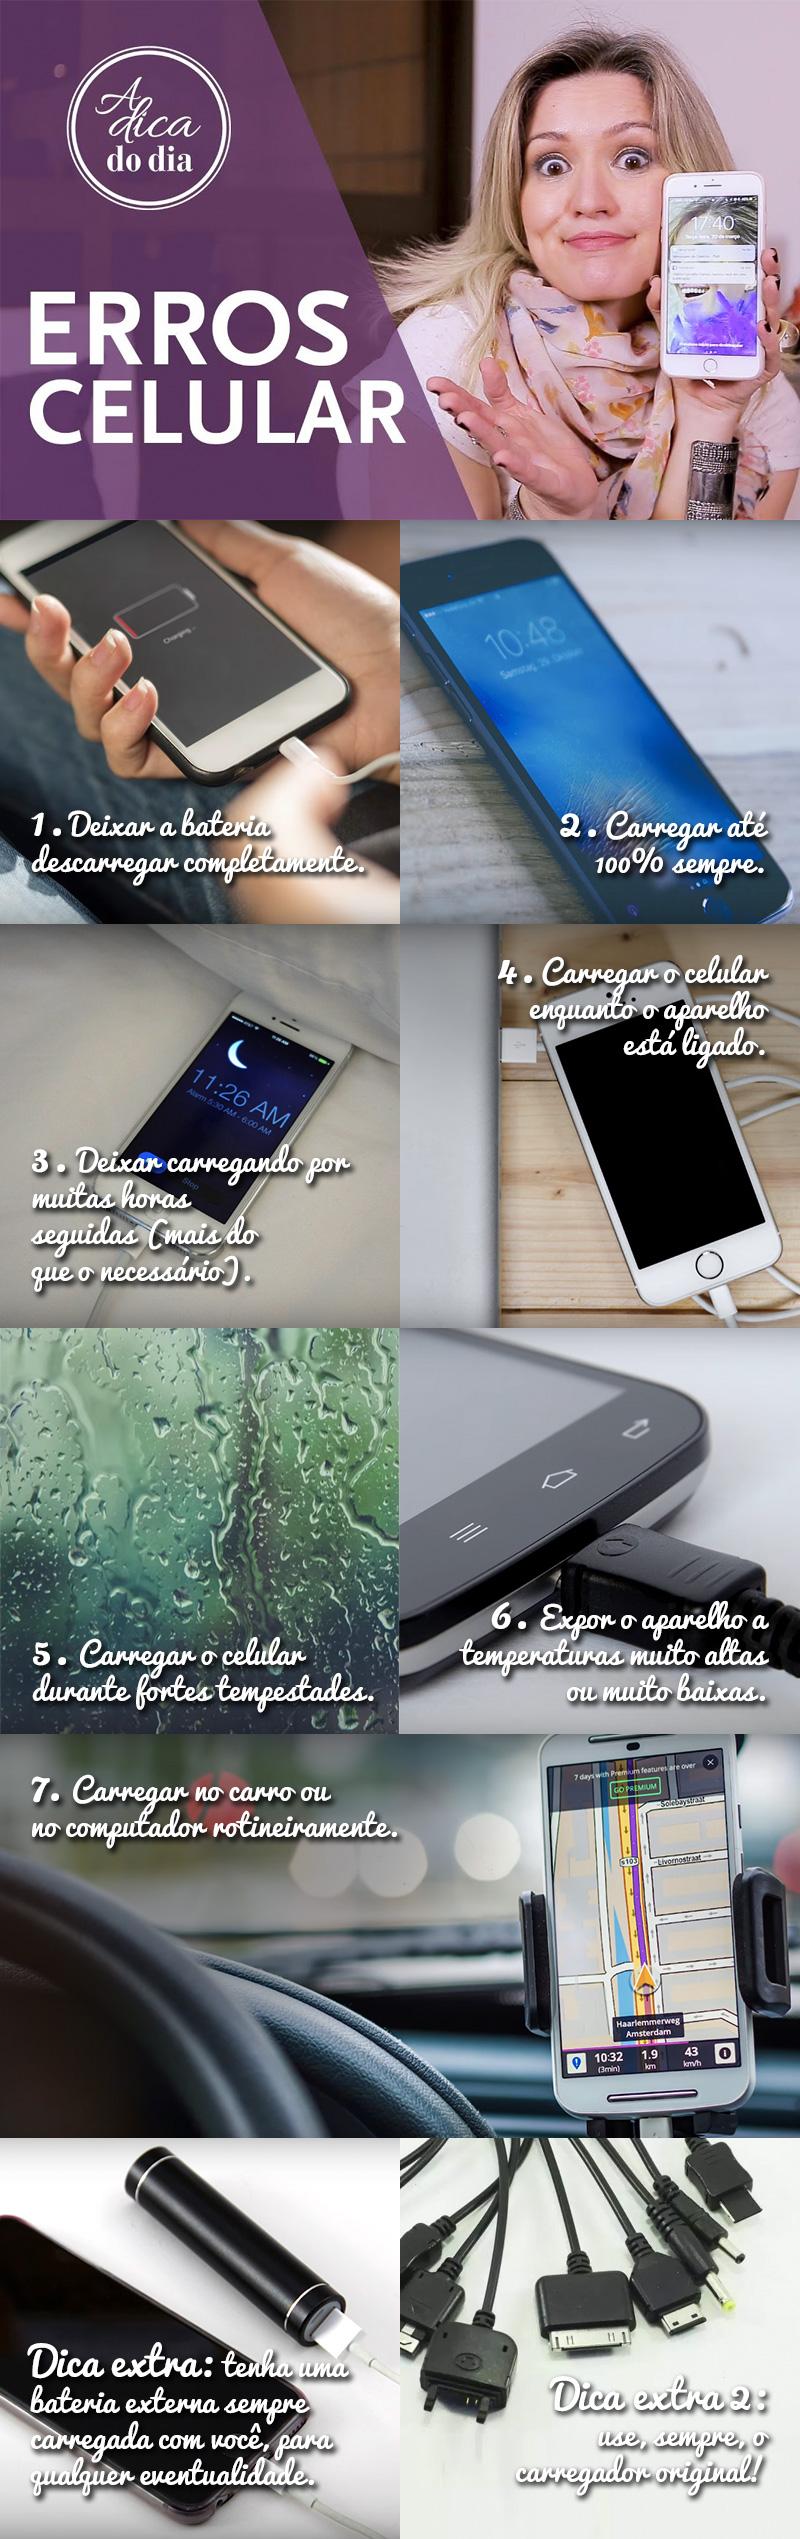 erros comuns na hora de recarregar a bateria do celular